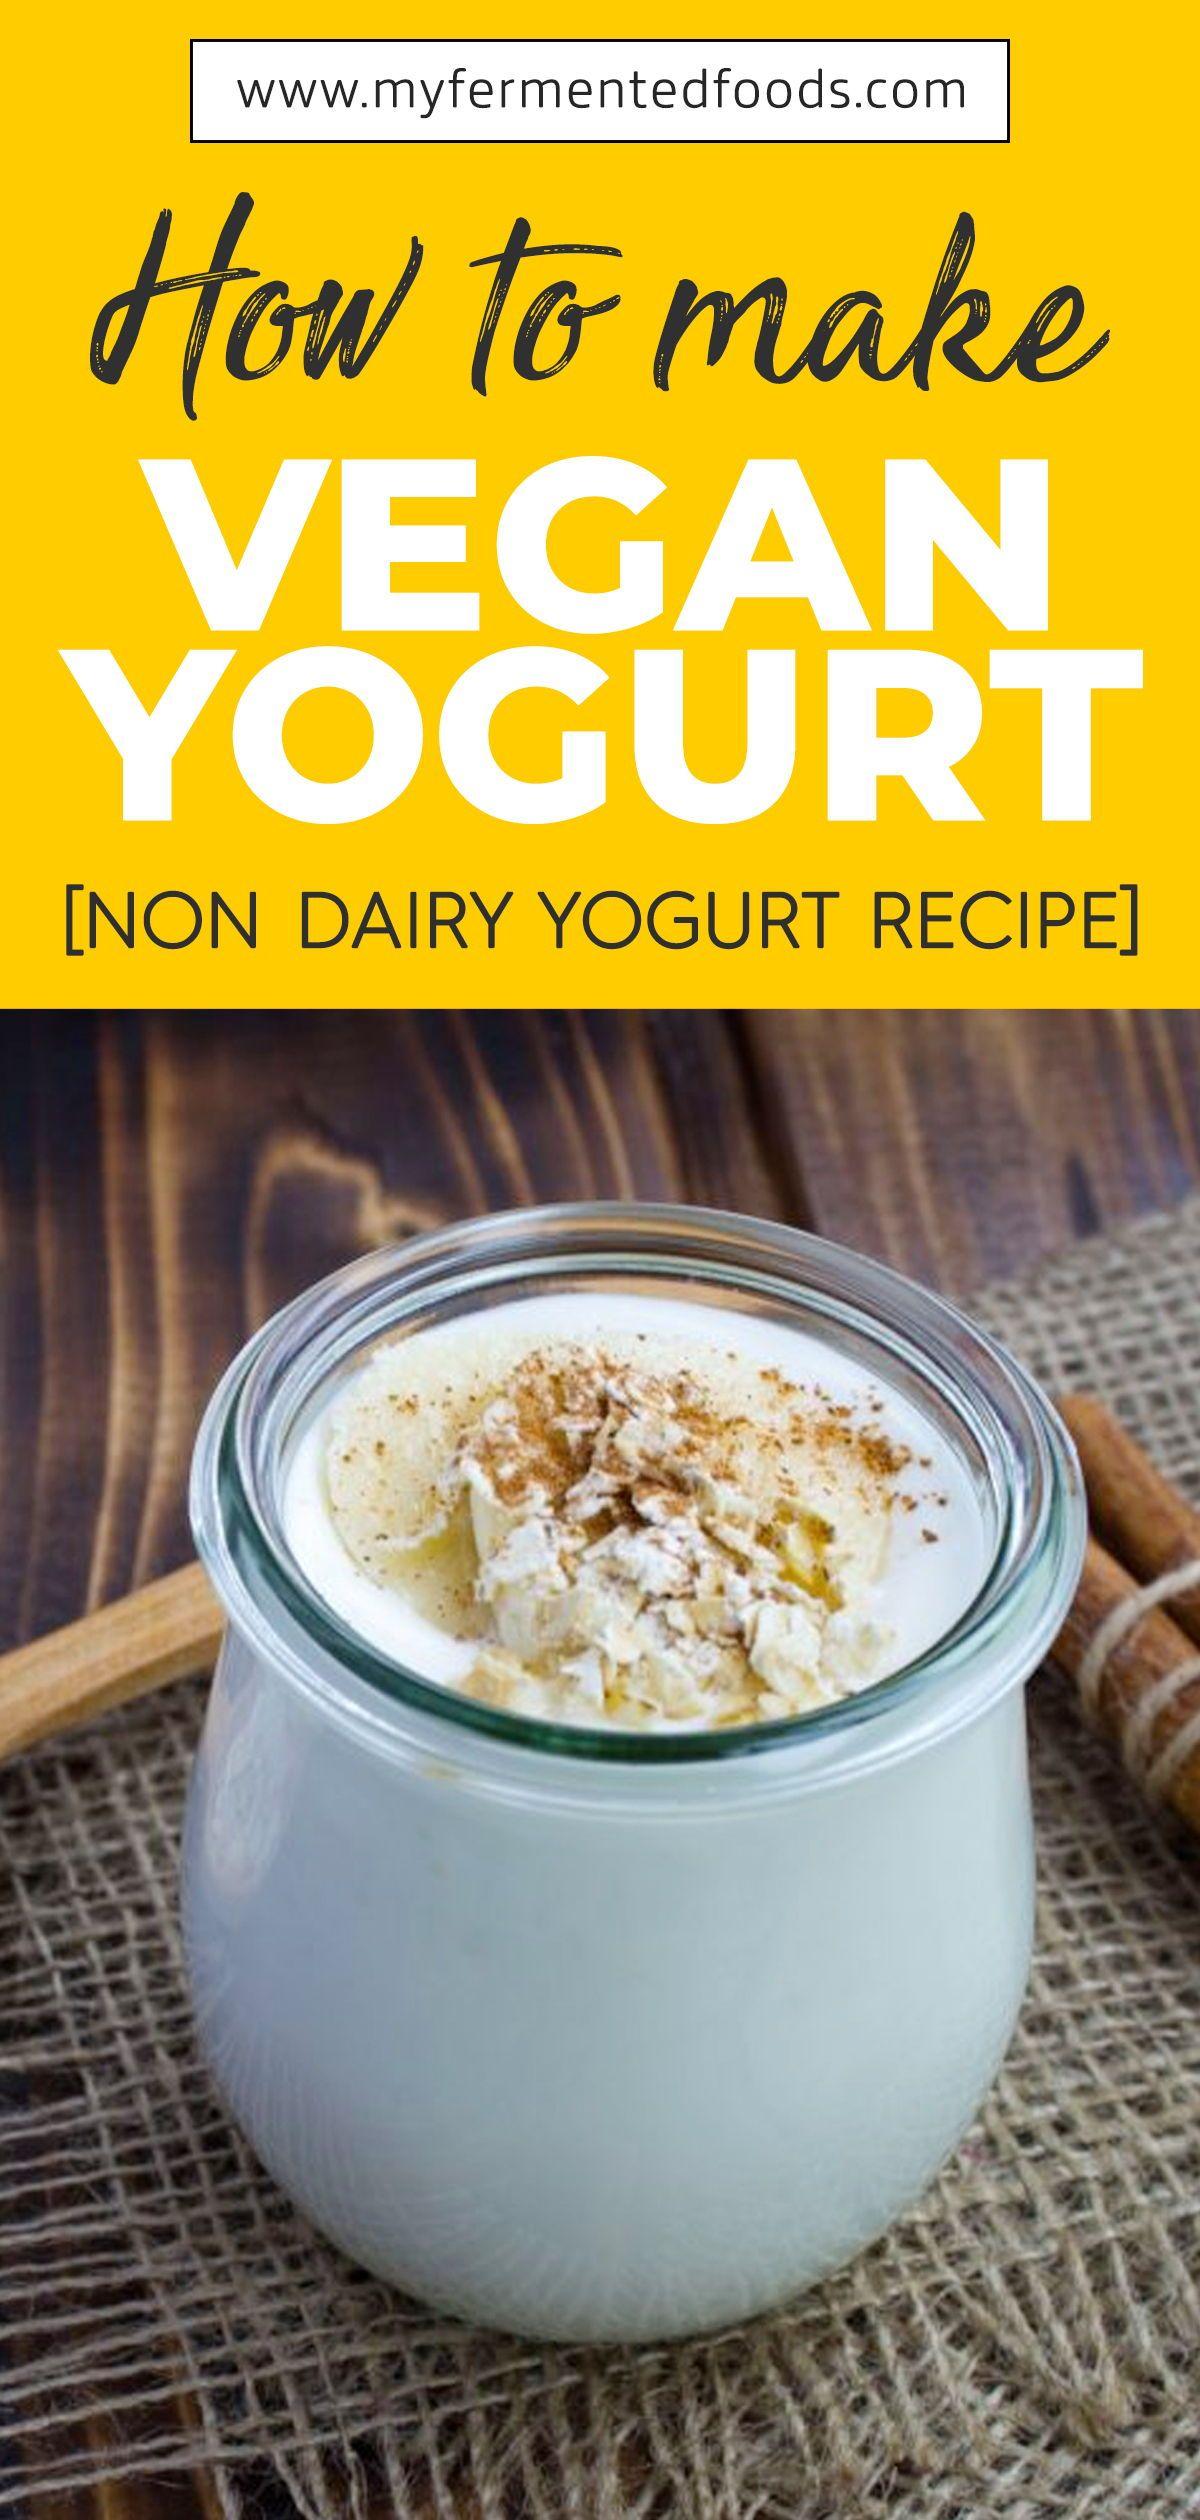 How To Make Vegan Yogurt Non Dairy Yogurt Recipe My Fermented Foods Recipe Yogurt Recipes Fermented Foods Vegan Yogurt